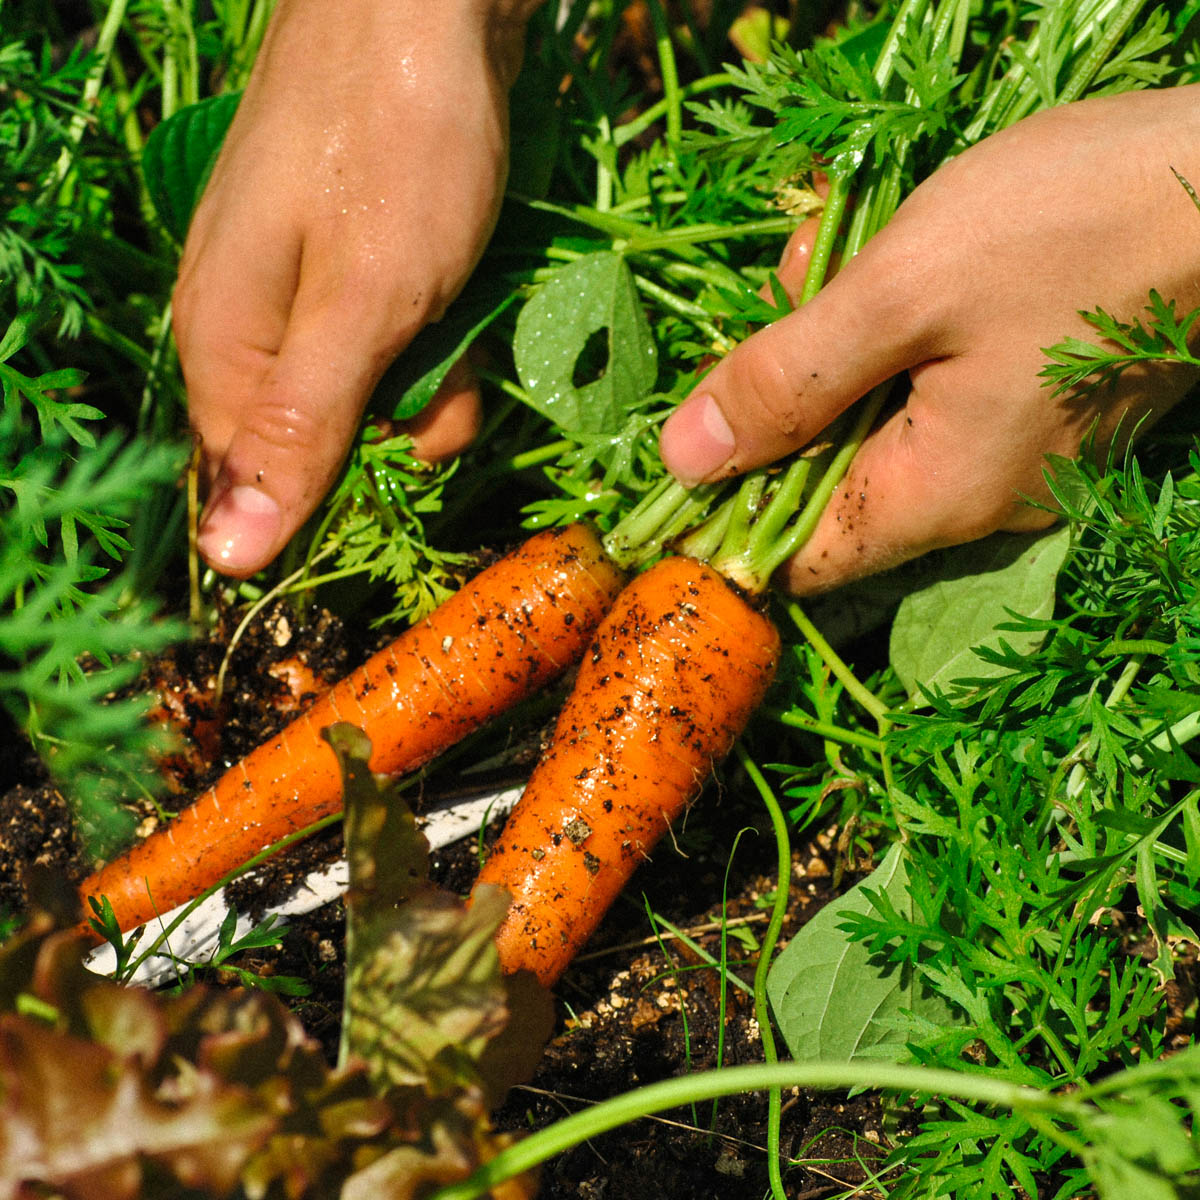 Wortels en wortelloof zijn super gezond